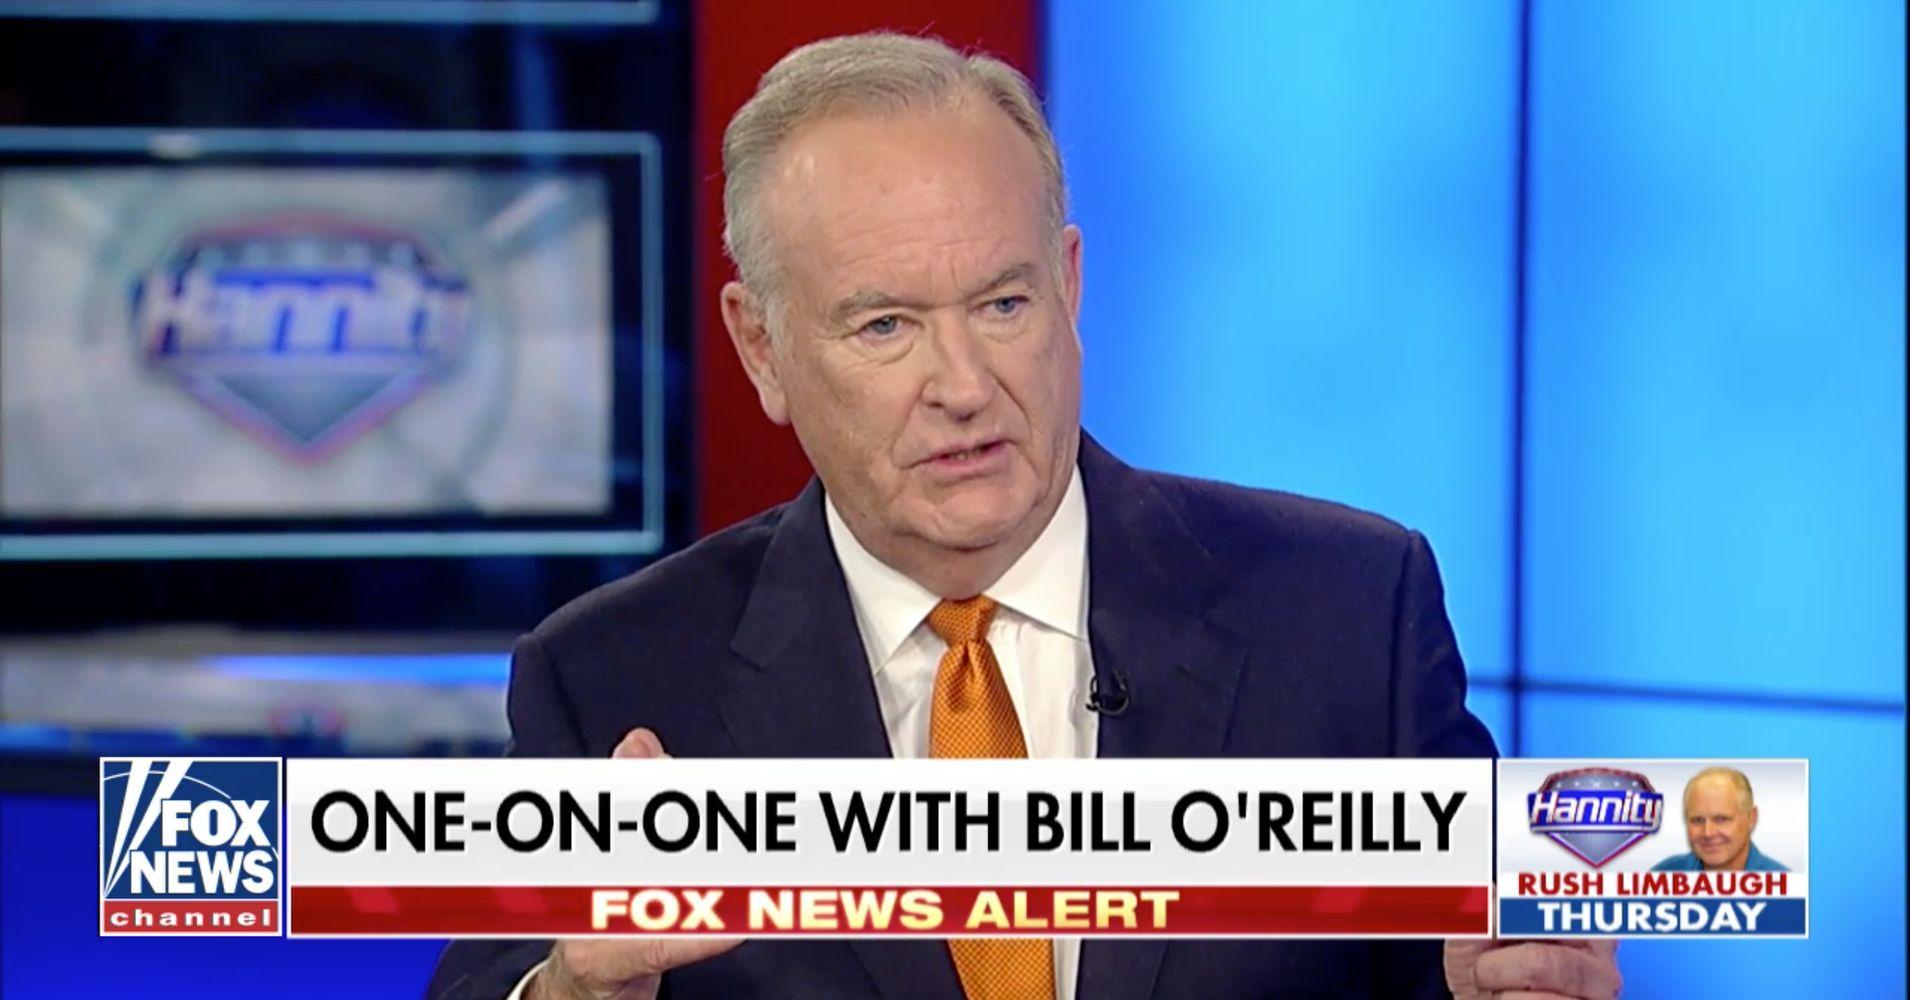 Fox News. MEDIA